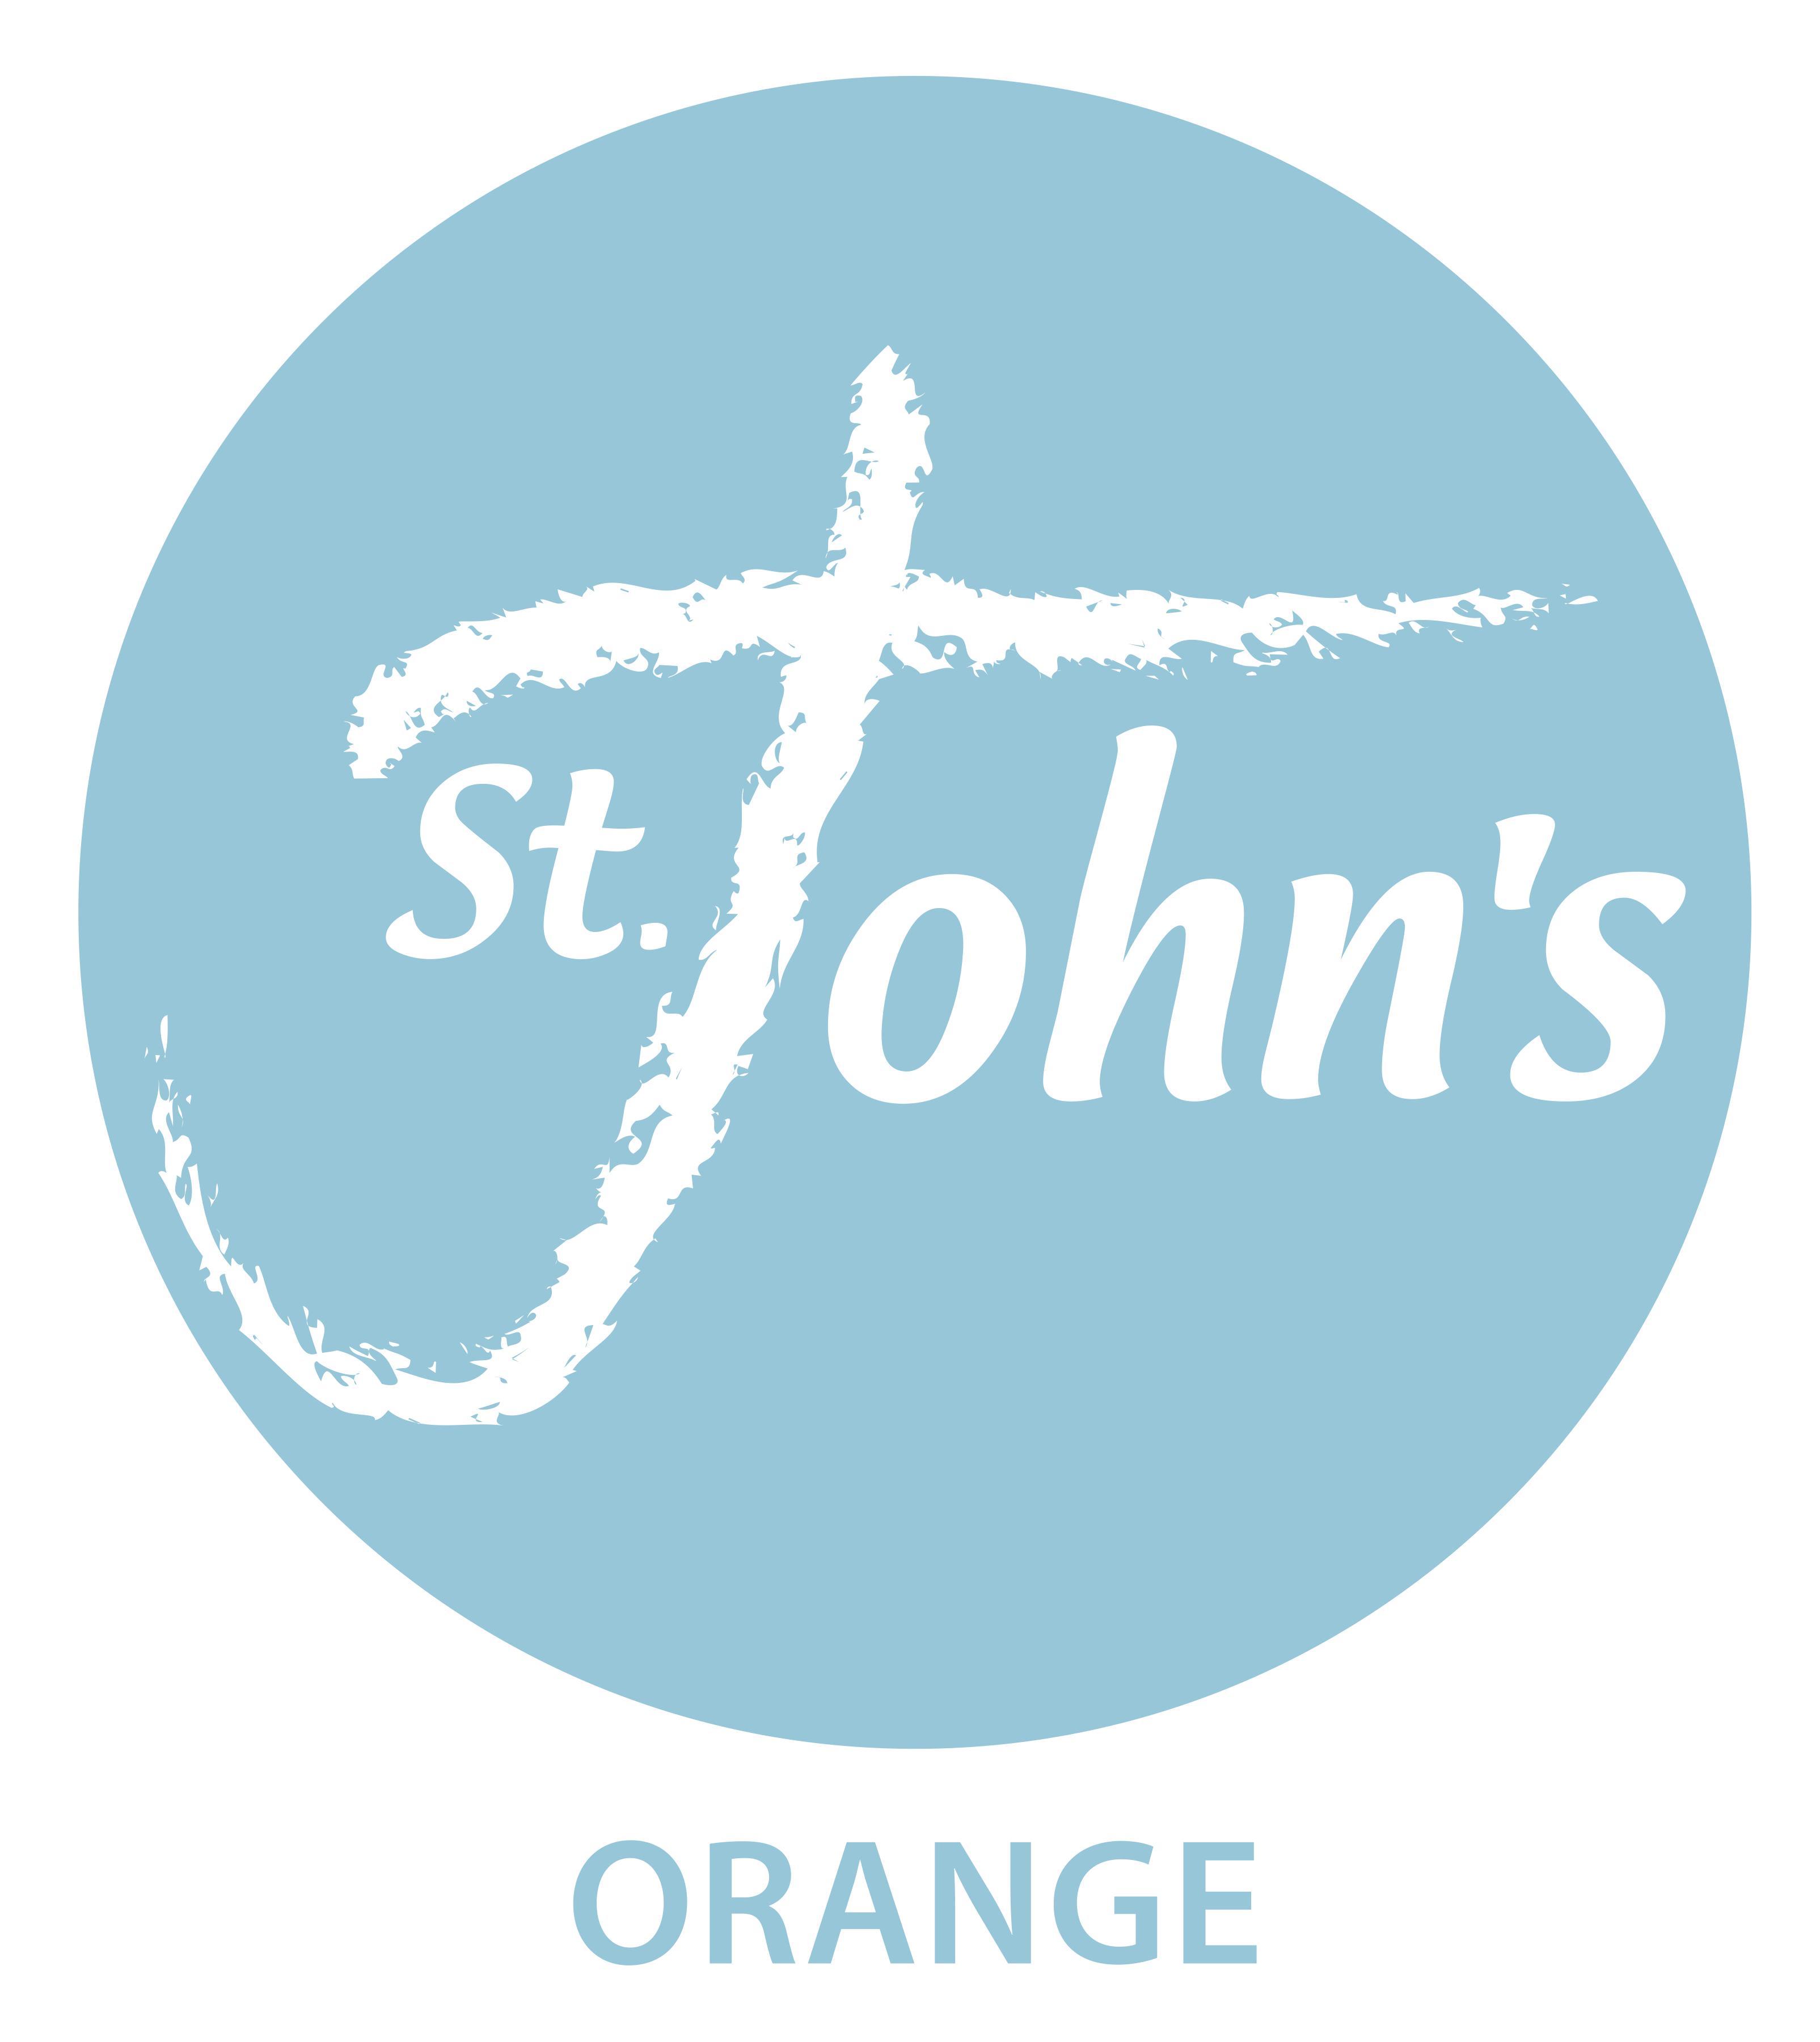 St.-John's.jpg